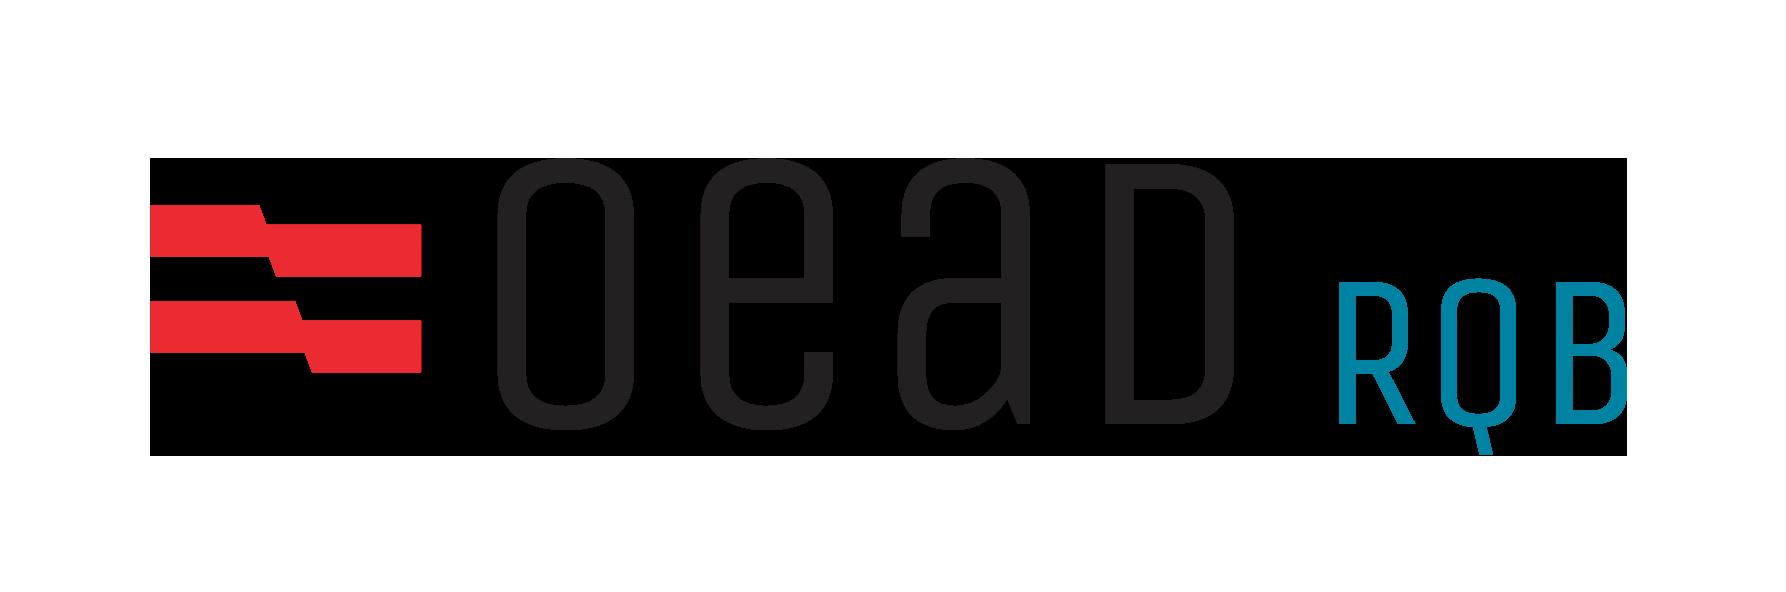 OeAD | RQB